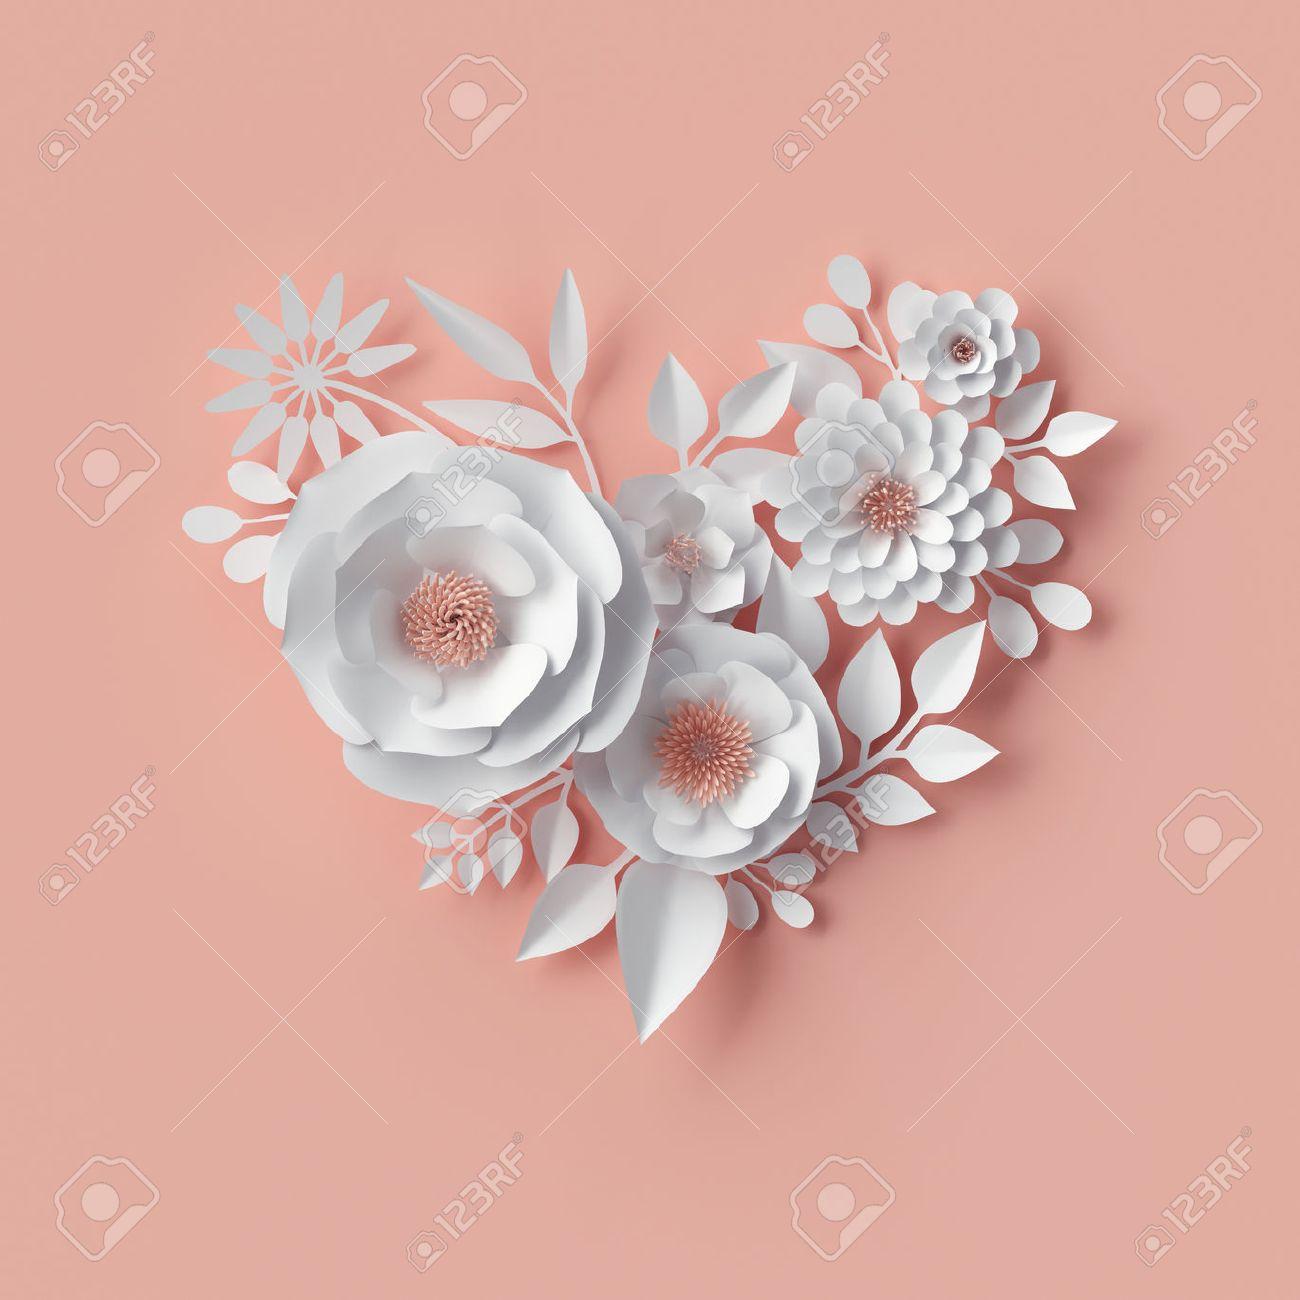 3d Render, Illustration Numérique, Fleurs En Papier Blanc, Fard à Joues  Rose Décoration Murale, Fond Floral, Bouquet De Mariée, Mariage, Quilling,  ...